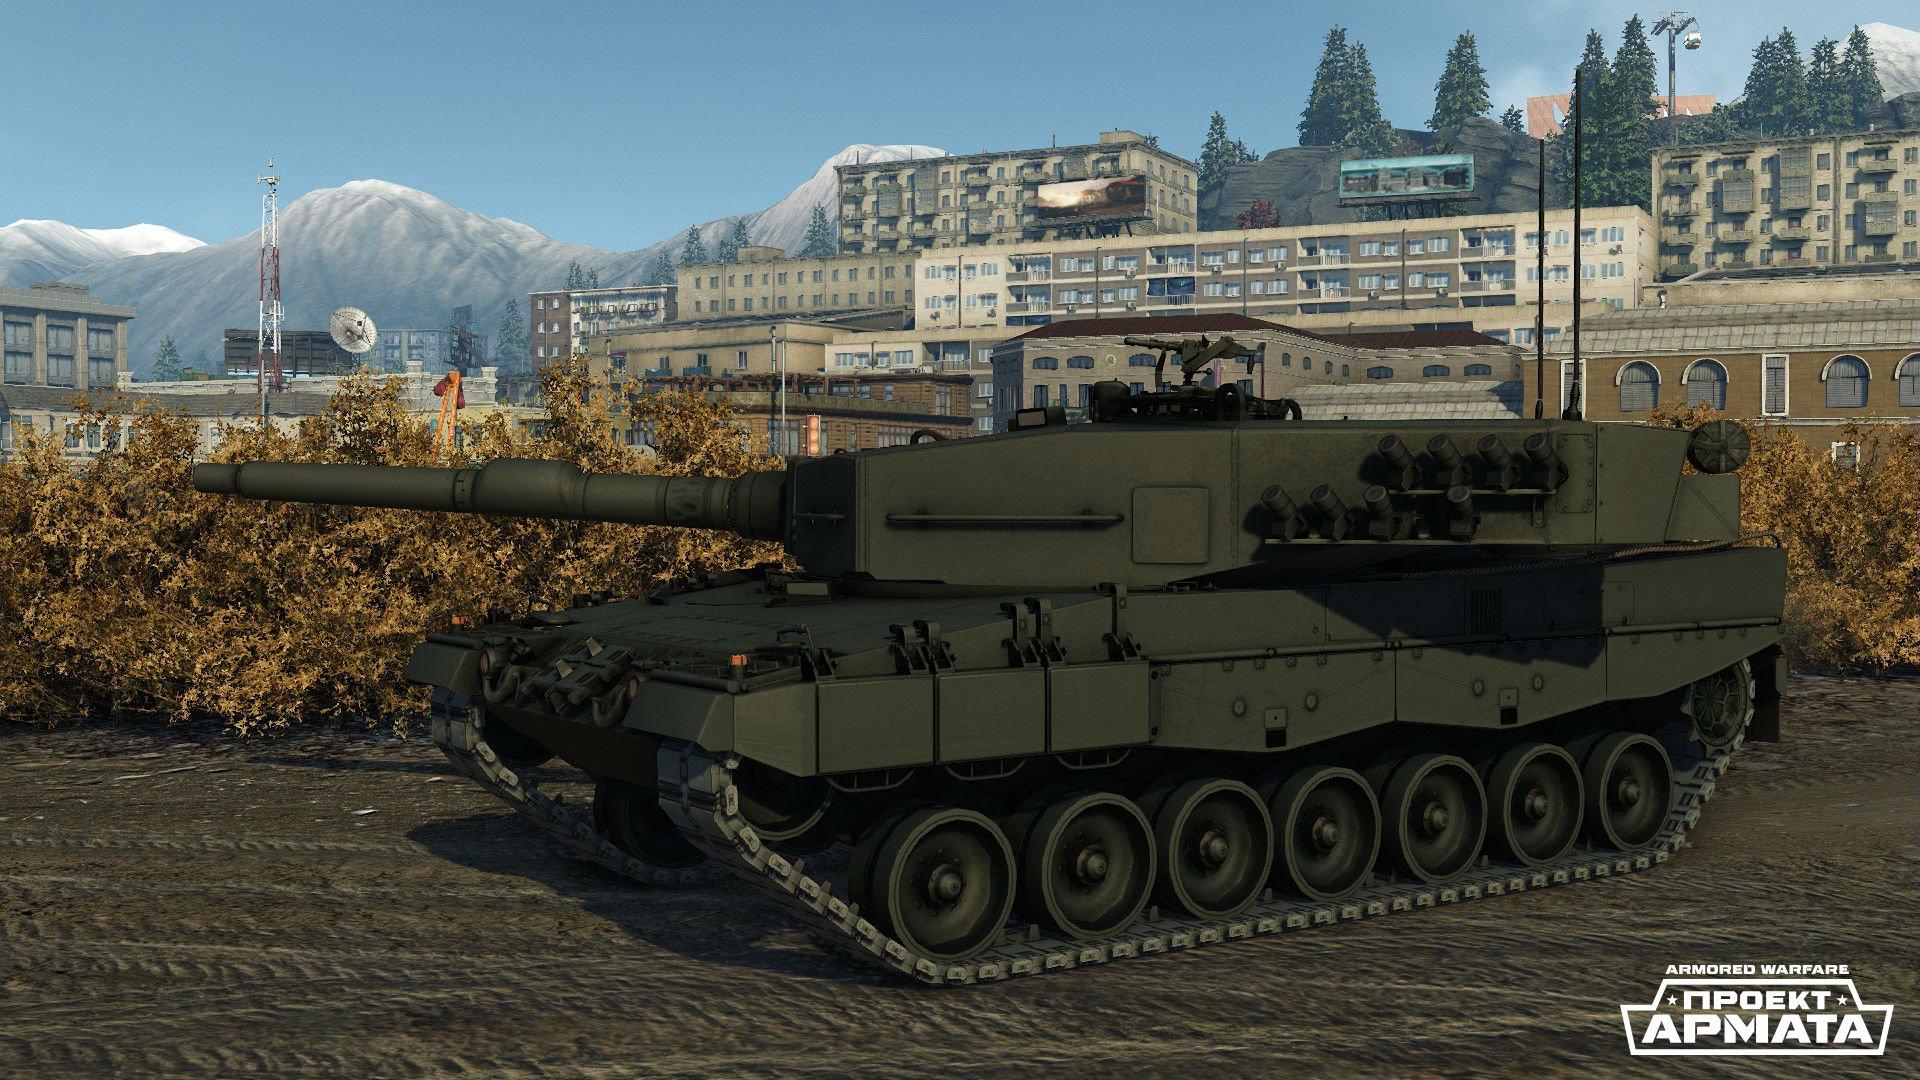 Стреляй в пиксель: Obsidian и Armored Warfare - Изображение 1